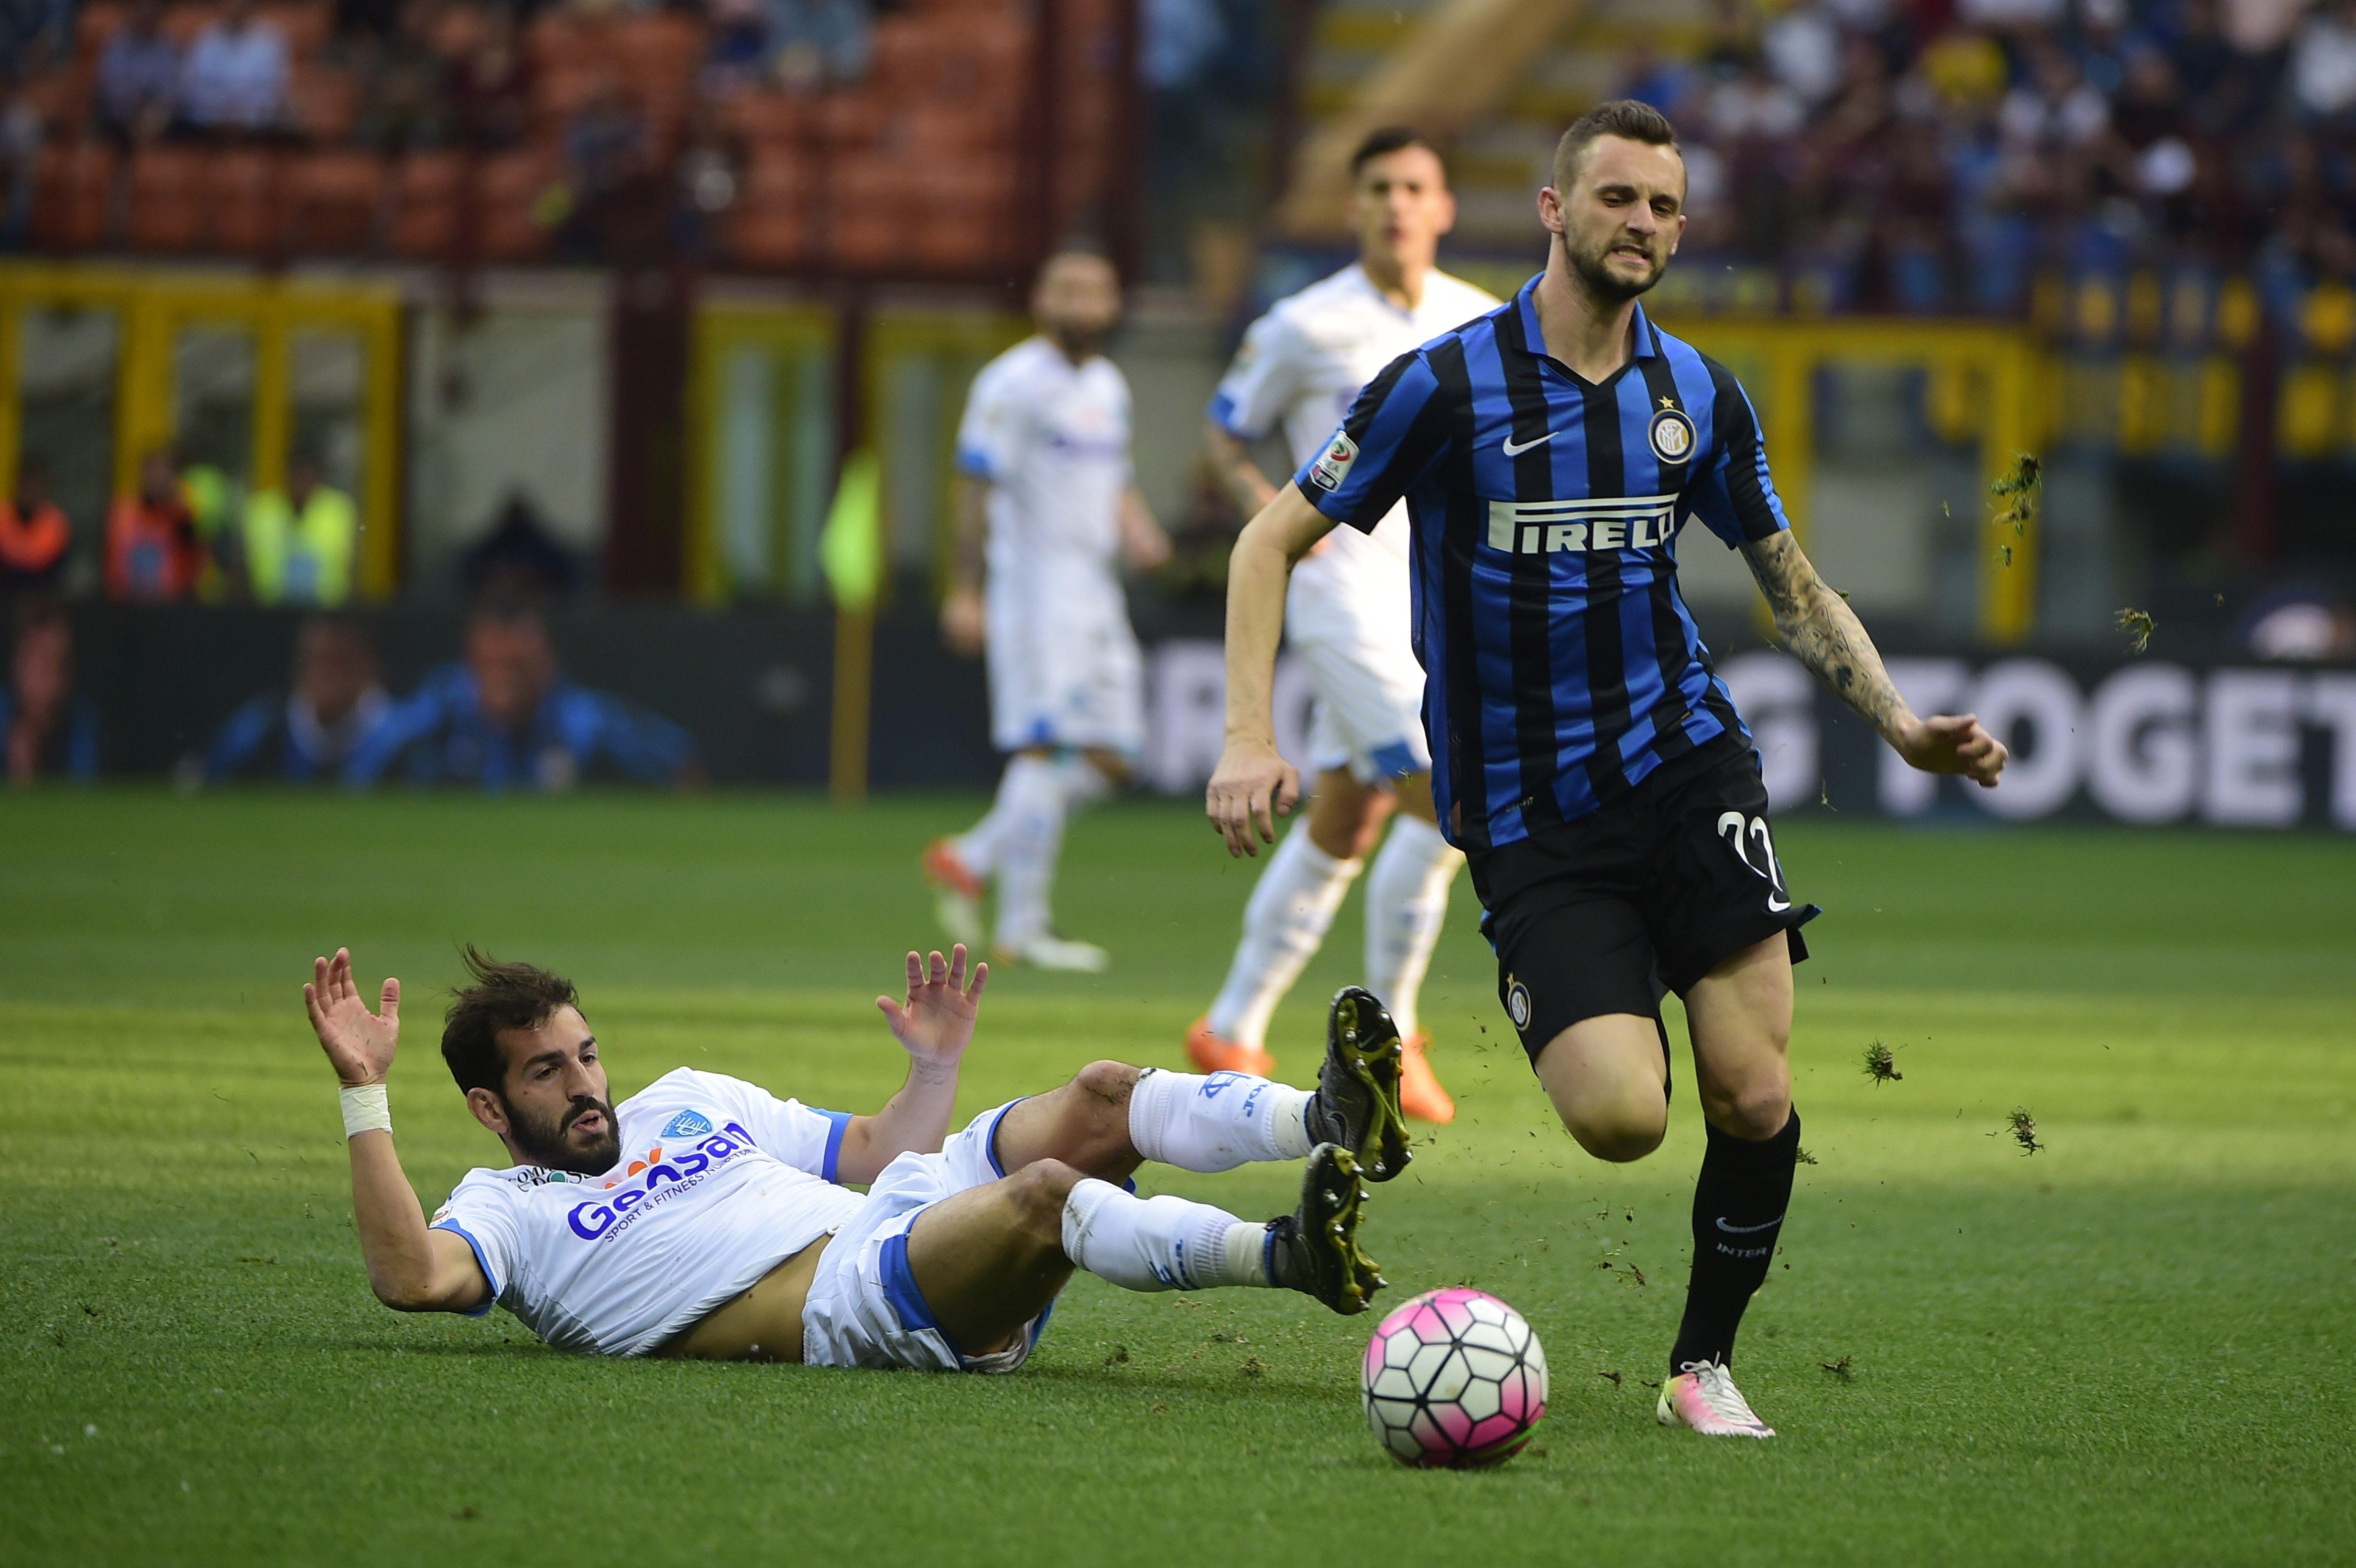 انتر ميلان يفوز على إمبولي بصعوبة في الدوري الإيطالي